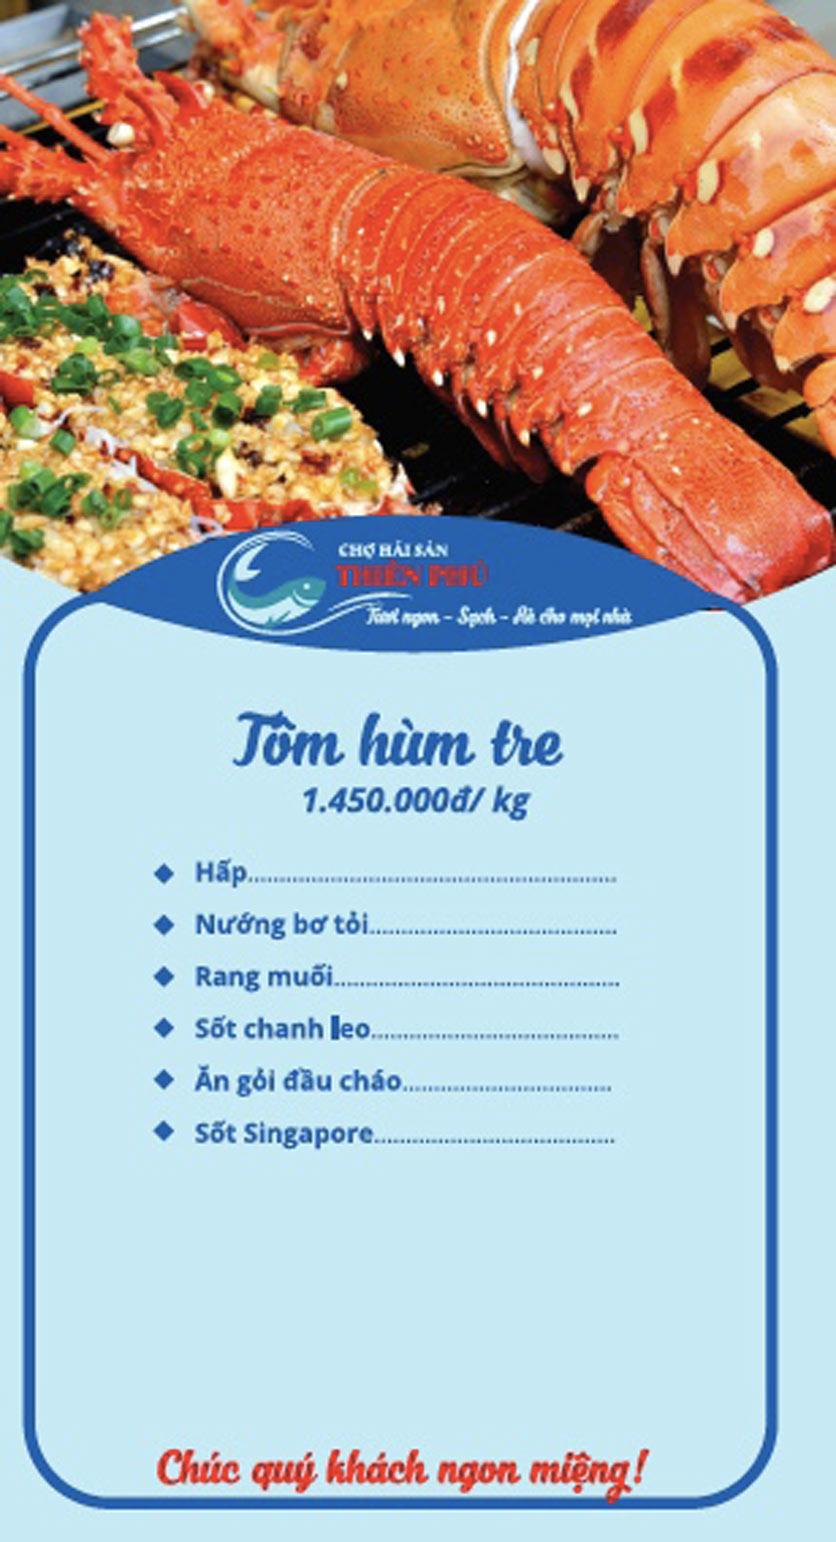 Menu Chợ Hải Sản Thiên Phú - KĐT Văn Phú 6